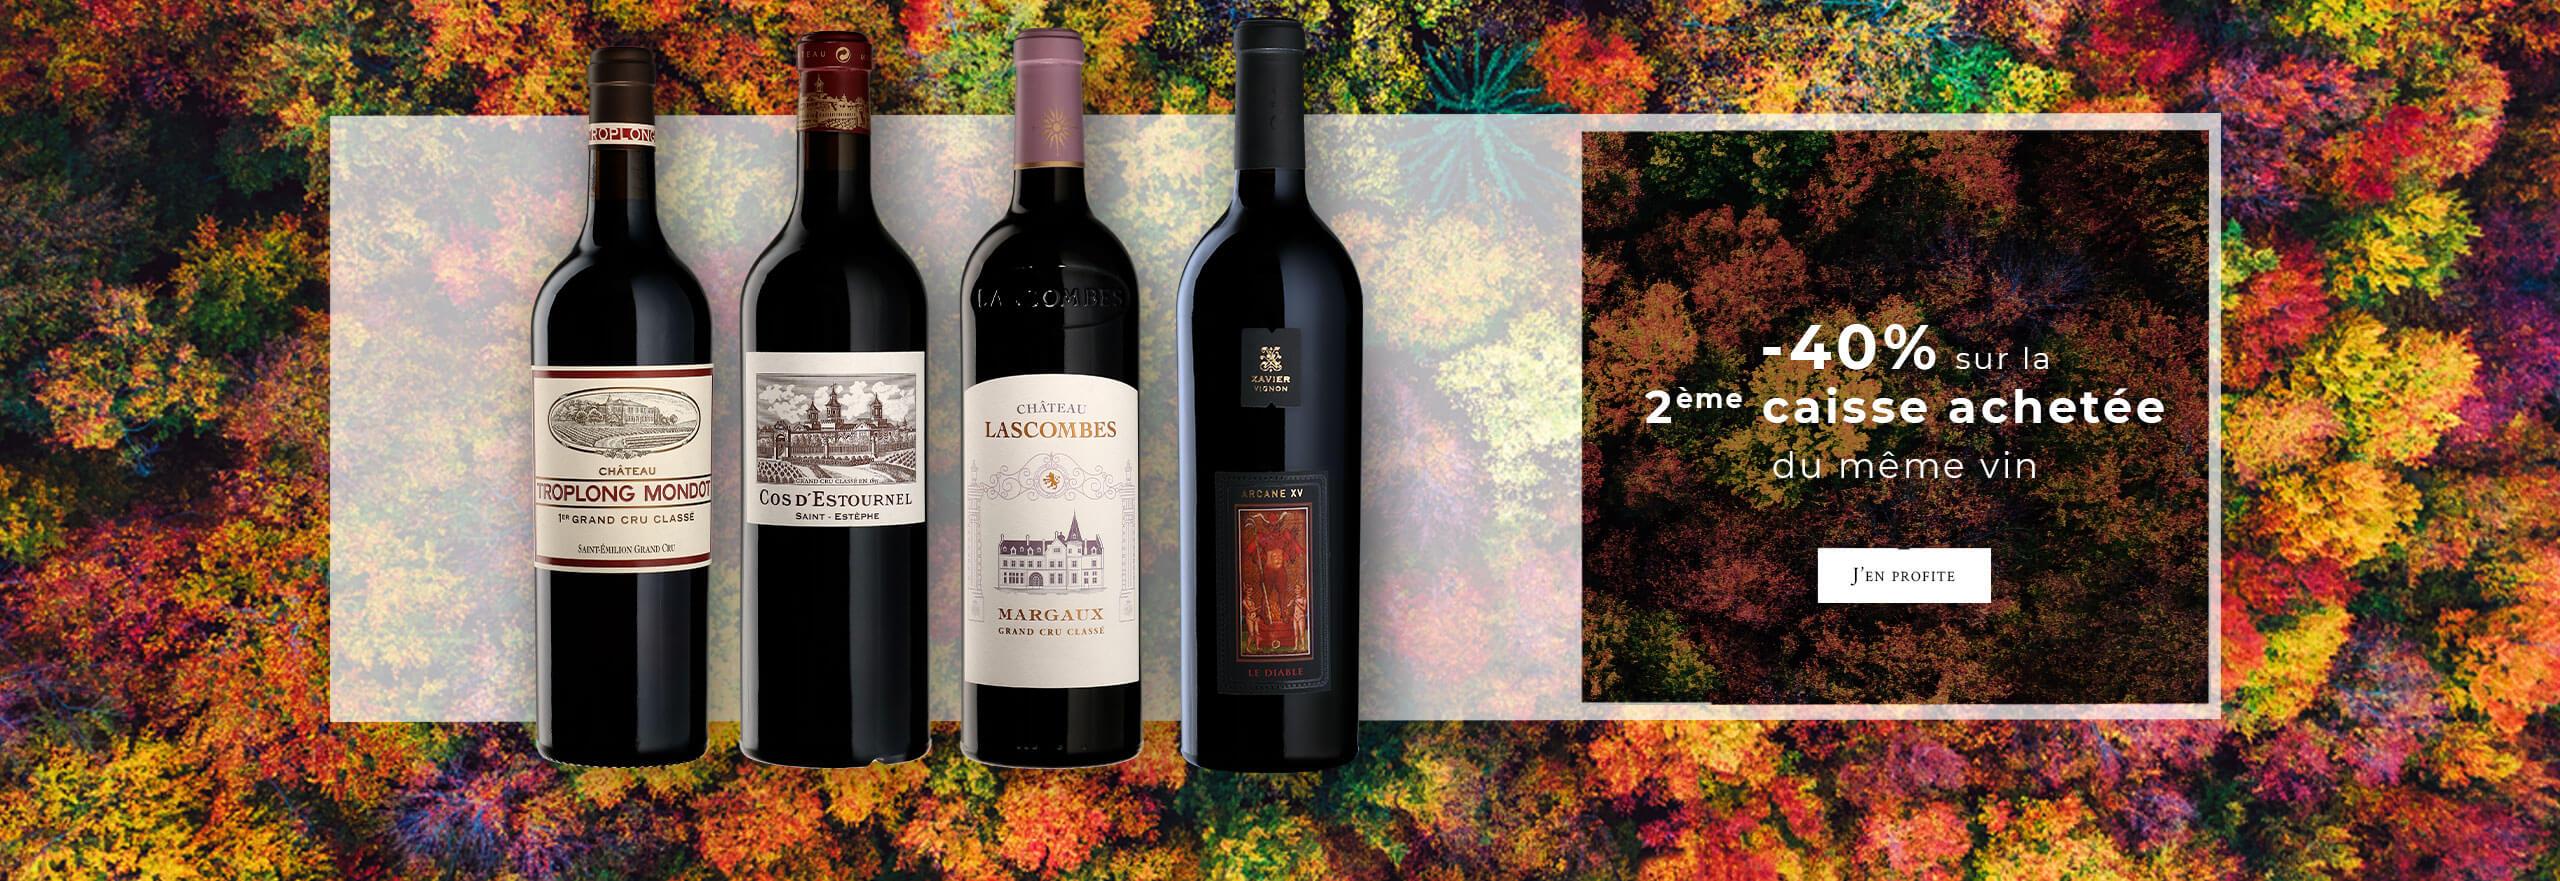 -40% sur la 2ème caisse achetée du même vin